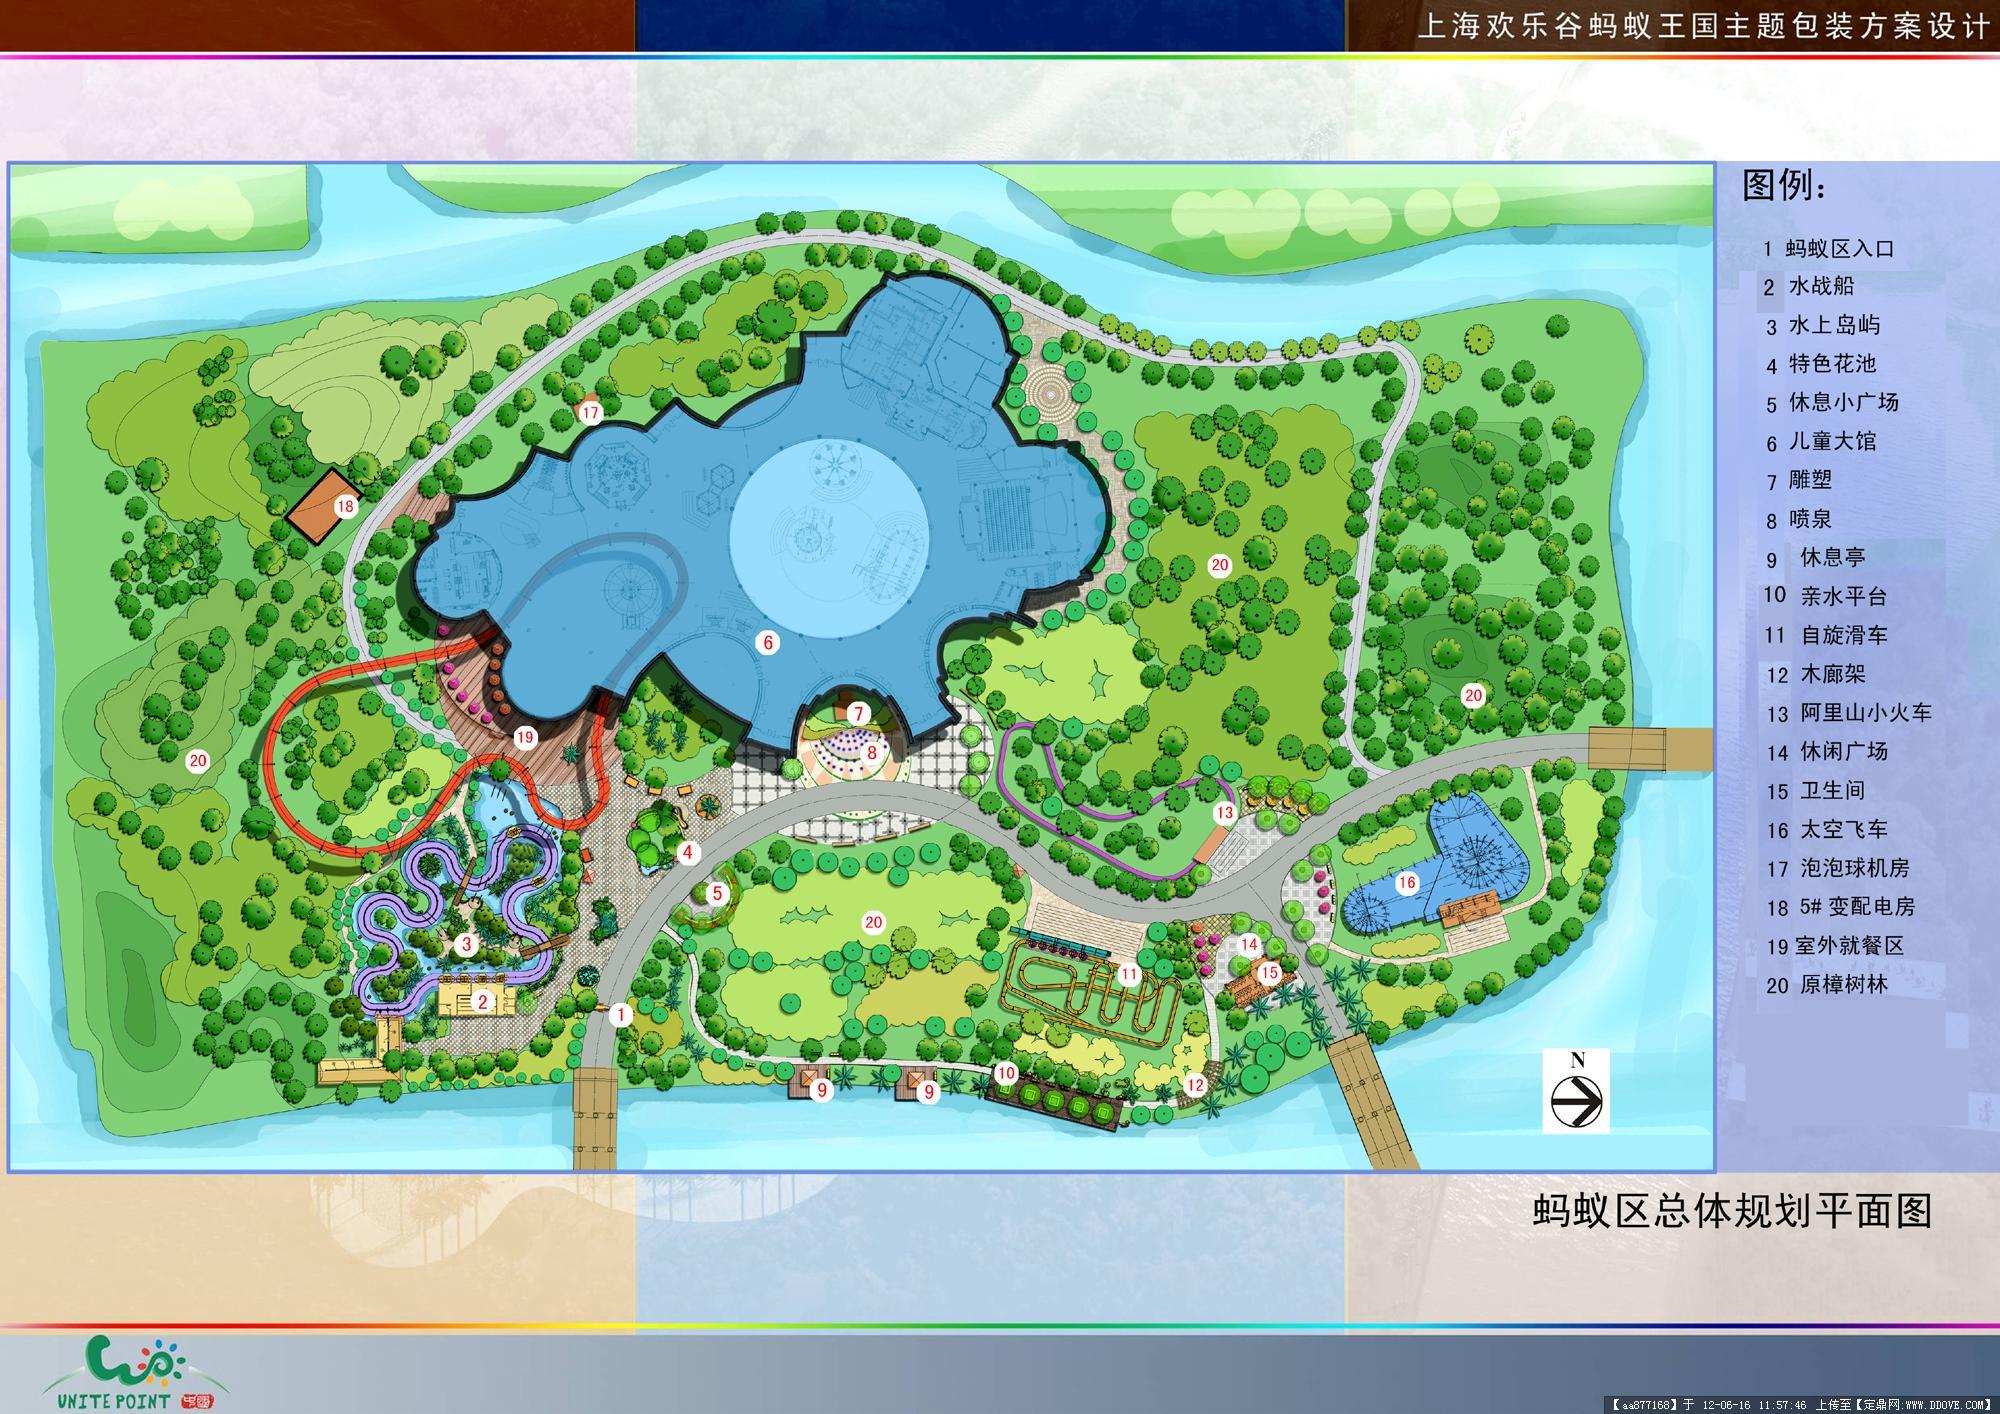 彩色高清园林平面图的小区浏览,图片效果图,居住区,_.视觉传达设计和平面设计区别图片